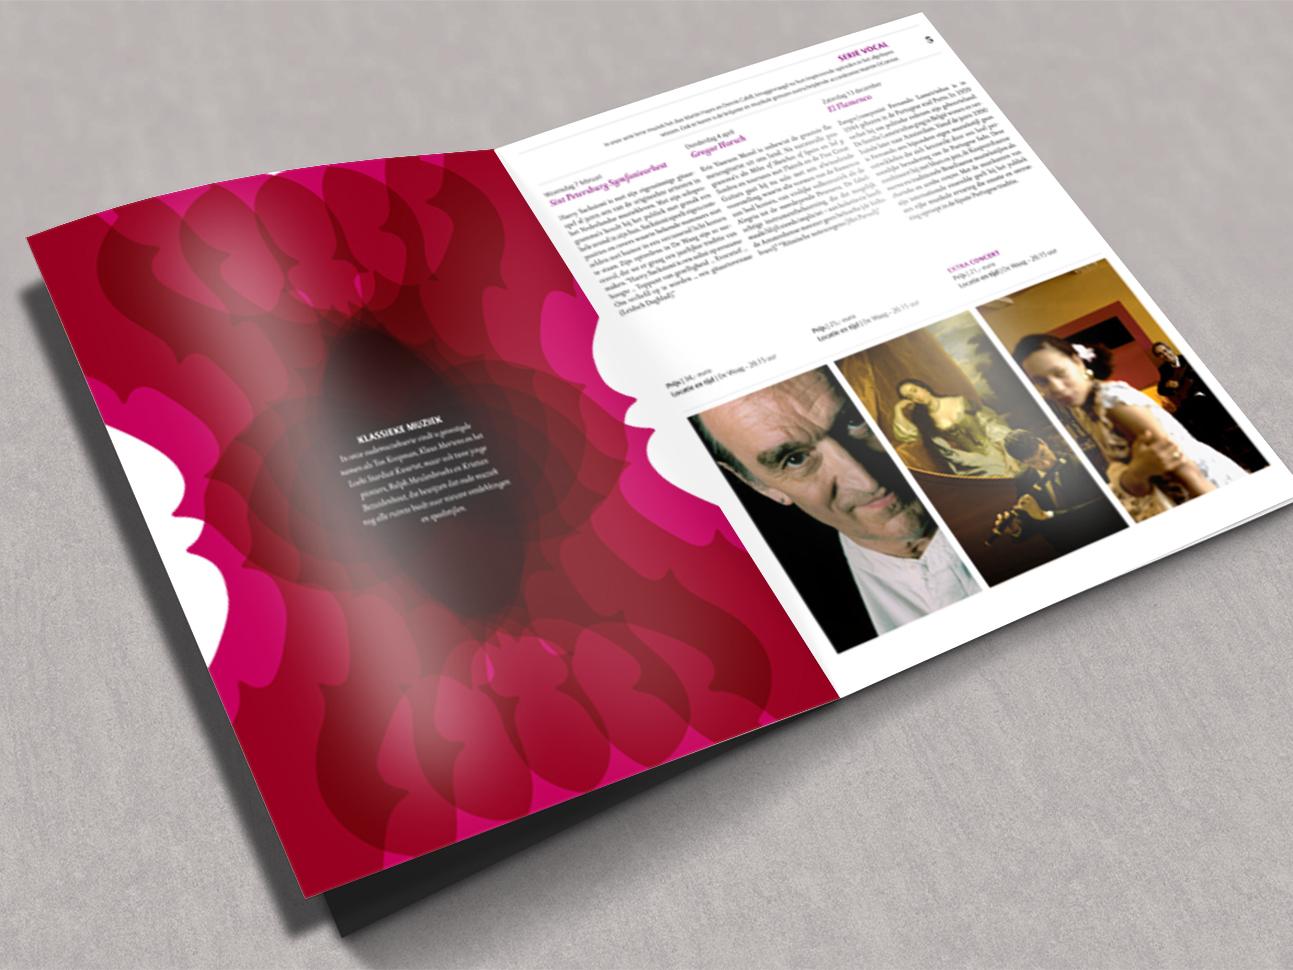 Stedelijk concert gebouw_brochure_Zandhaus